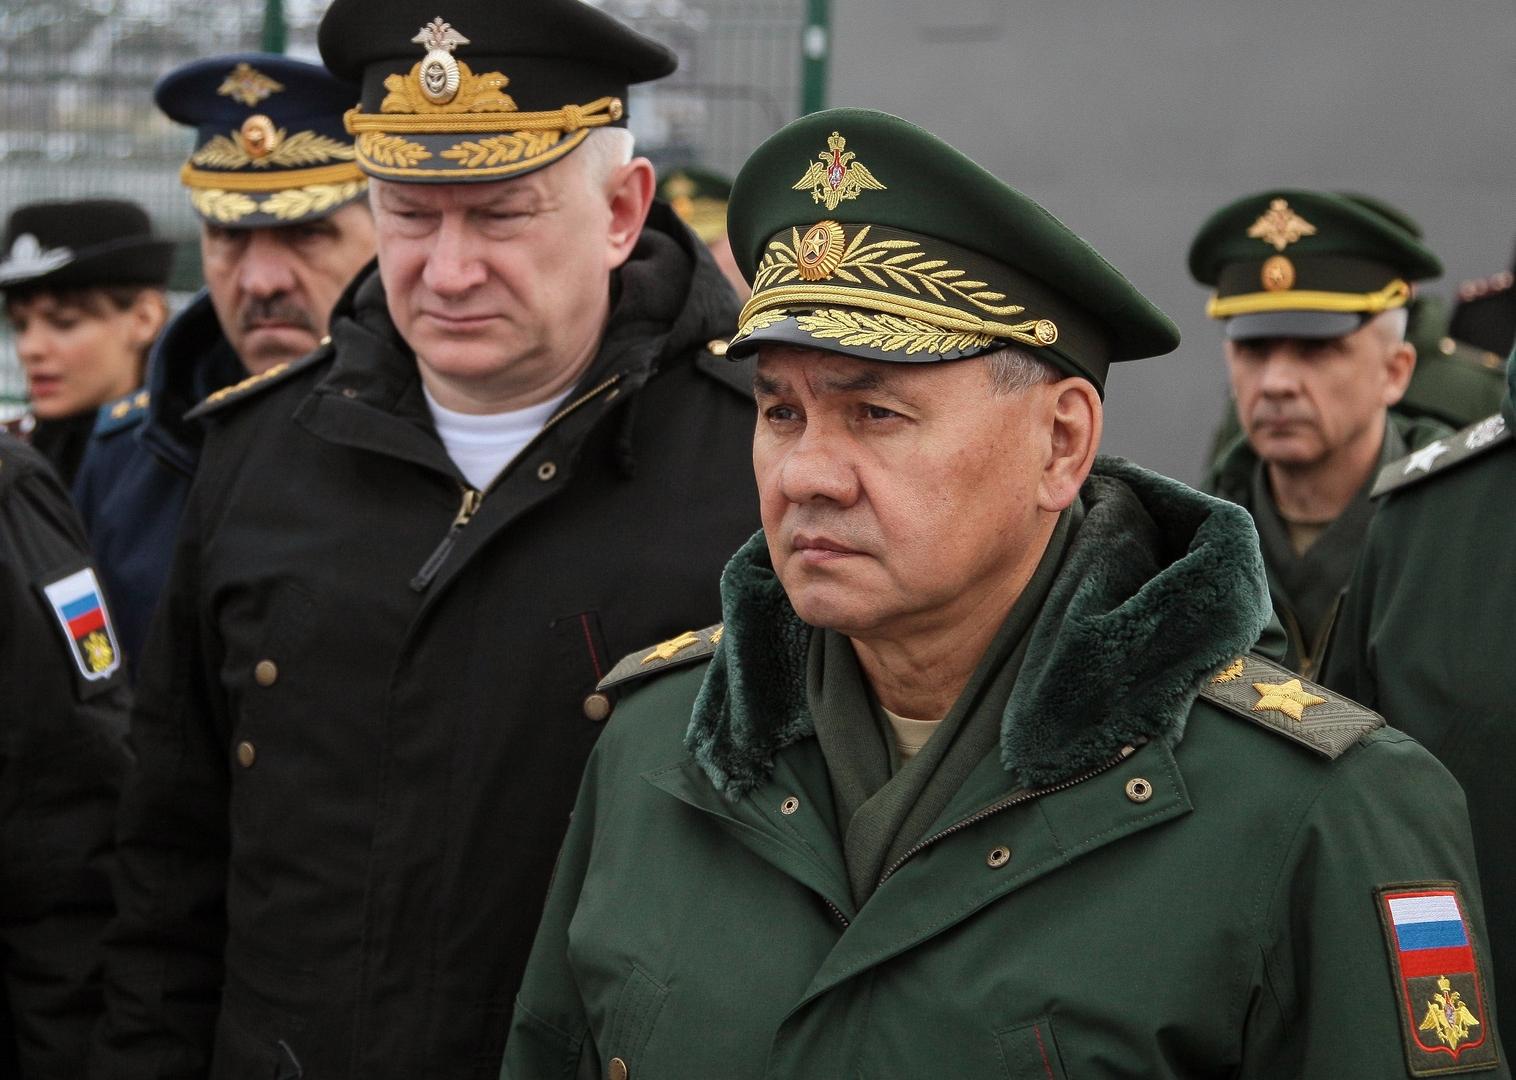 شويغو يأمر الجيش الروسي بالاستعداد للرد على أي تطورات سلبية حول مناورات الناتو القادمة في أوروبا